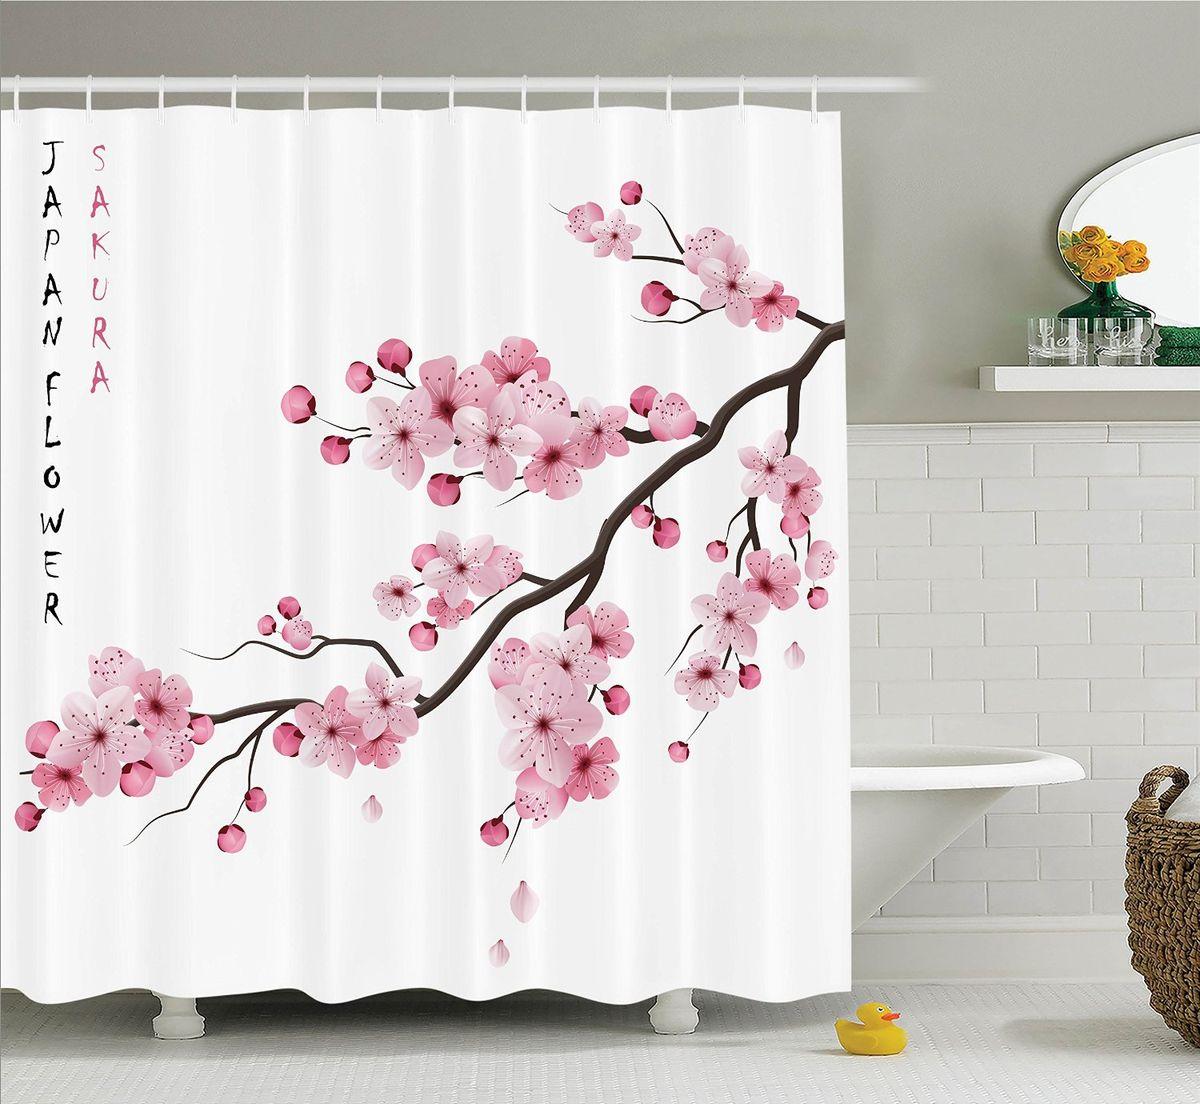 Штора для ванной комнаты Magic Lady Sakura Japan Flower, 180 х 200 смшв_15817Штора Magic Lady Sakura Japan Flower, изготовленная из высококачественного сатена (полиэстер 100%), отлично дополнит любой интерьер ванной комнаты. При изготовлении используются специальные гипоаллергенные чернила для прямой печати по ткани, безопасные для человека.В комплекте: 1 штора, 12 крючков. Обращаем ваше внимание, фактический цвет изделия может незначительно отличаться от представленного на фото.